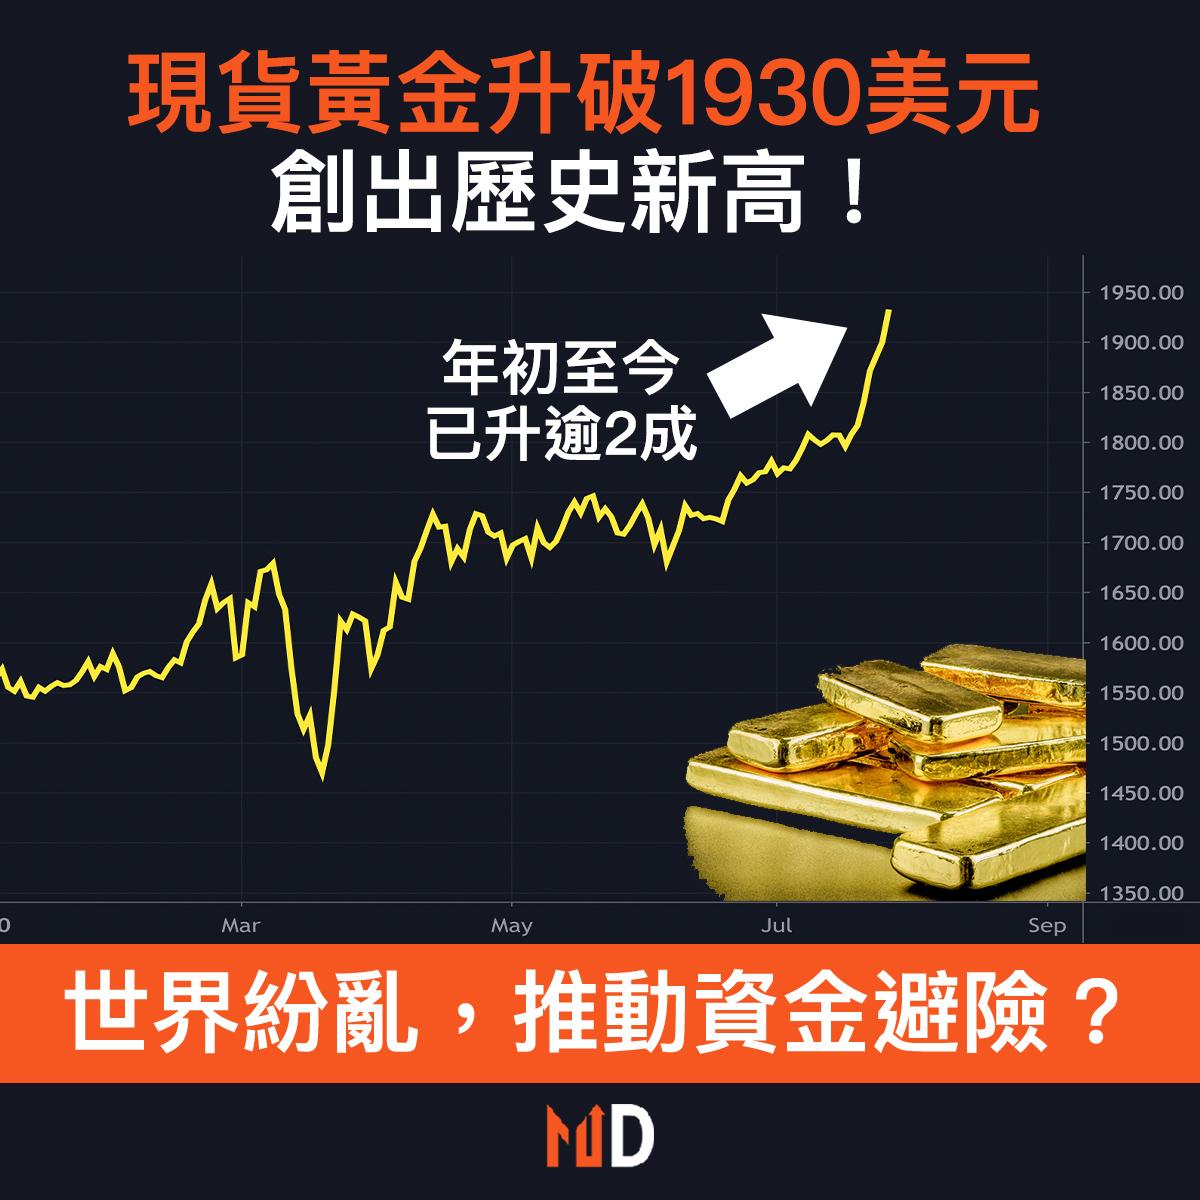 【市場熱話】現貨黃金升破1930美元,創出歷史新高!